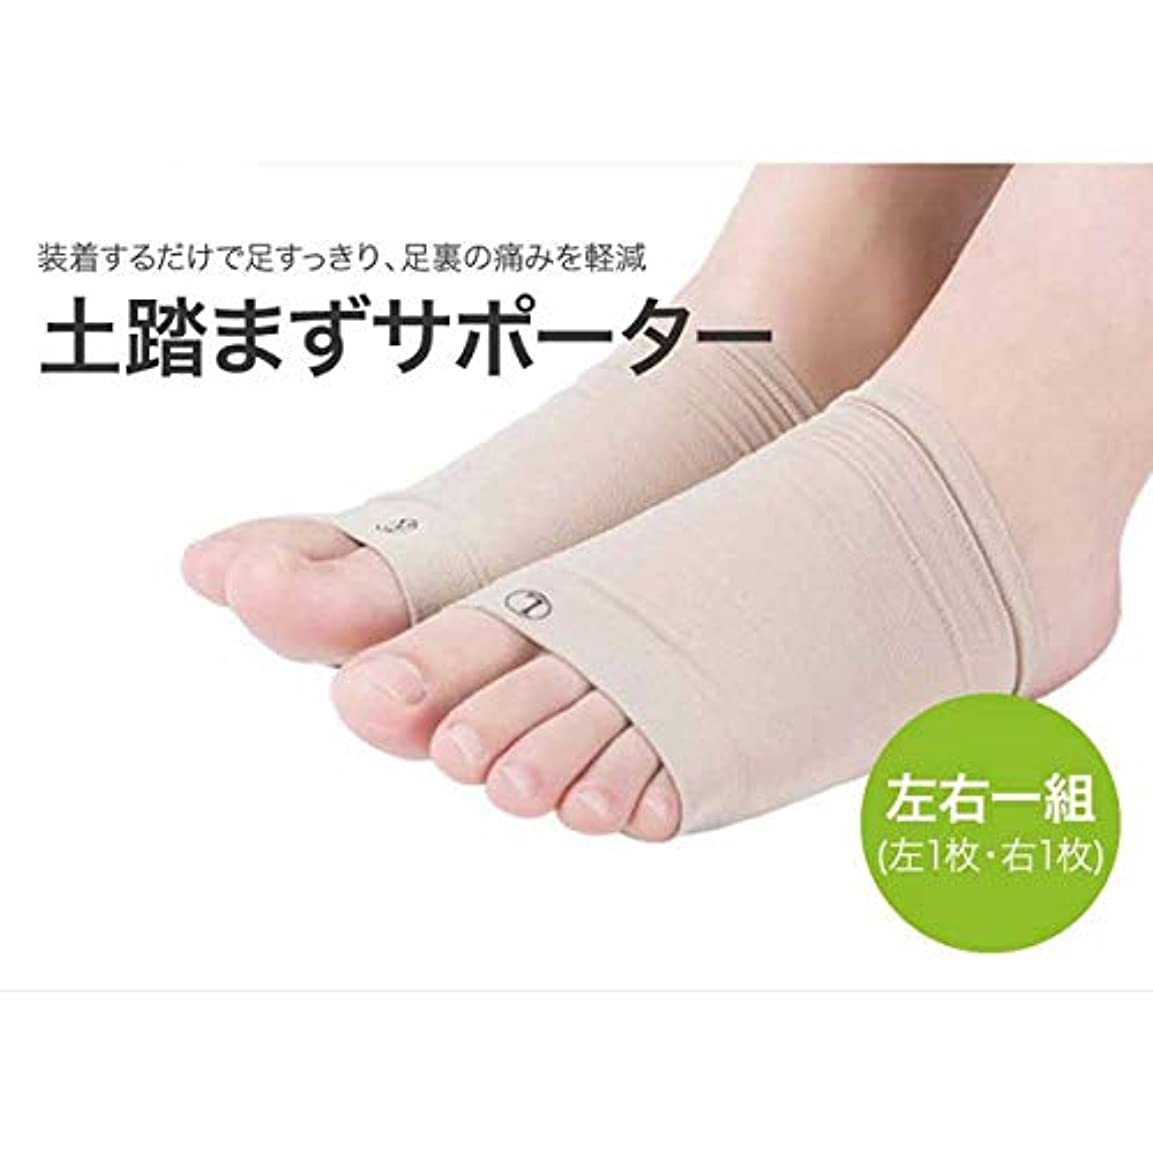 コロニアルポジティブ置き場土踏まずサポーター 左右1組セット 偏平足 シリコン 足底筋膜炎 足底腱膜炎 痛み だるさ 足底筋膜 足裏 アーチ サポート